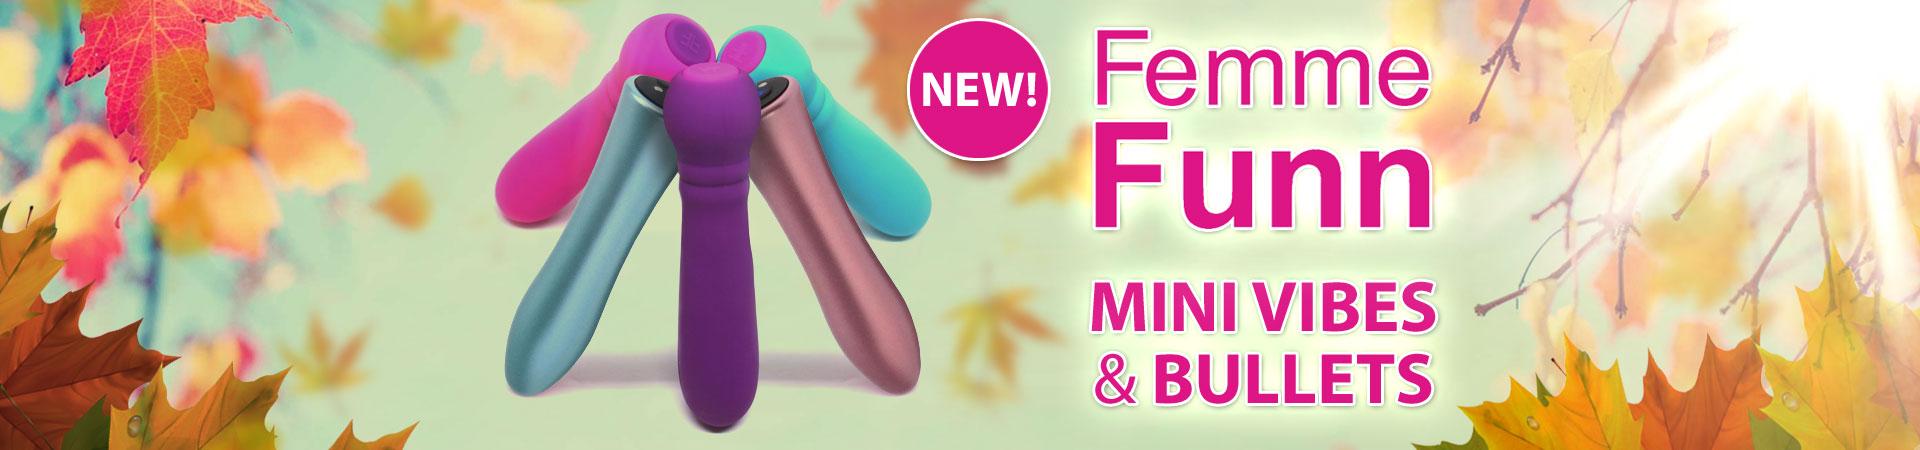 New Mini Vibes & Bullets From Femmefunn